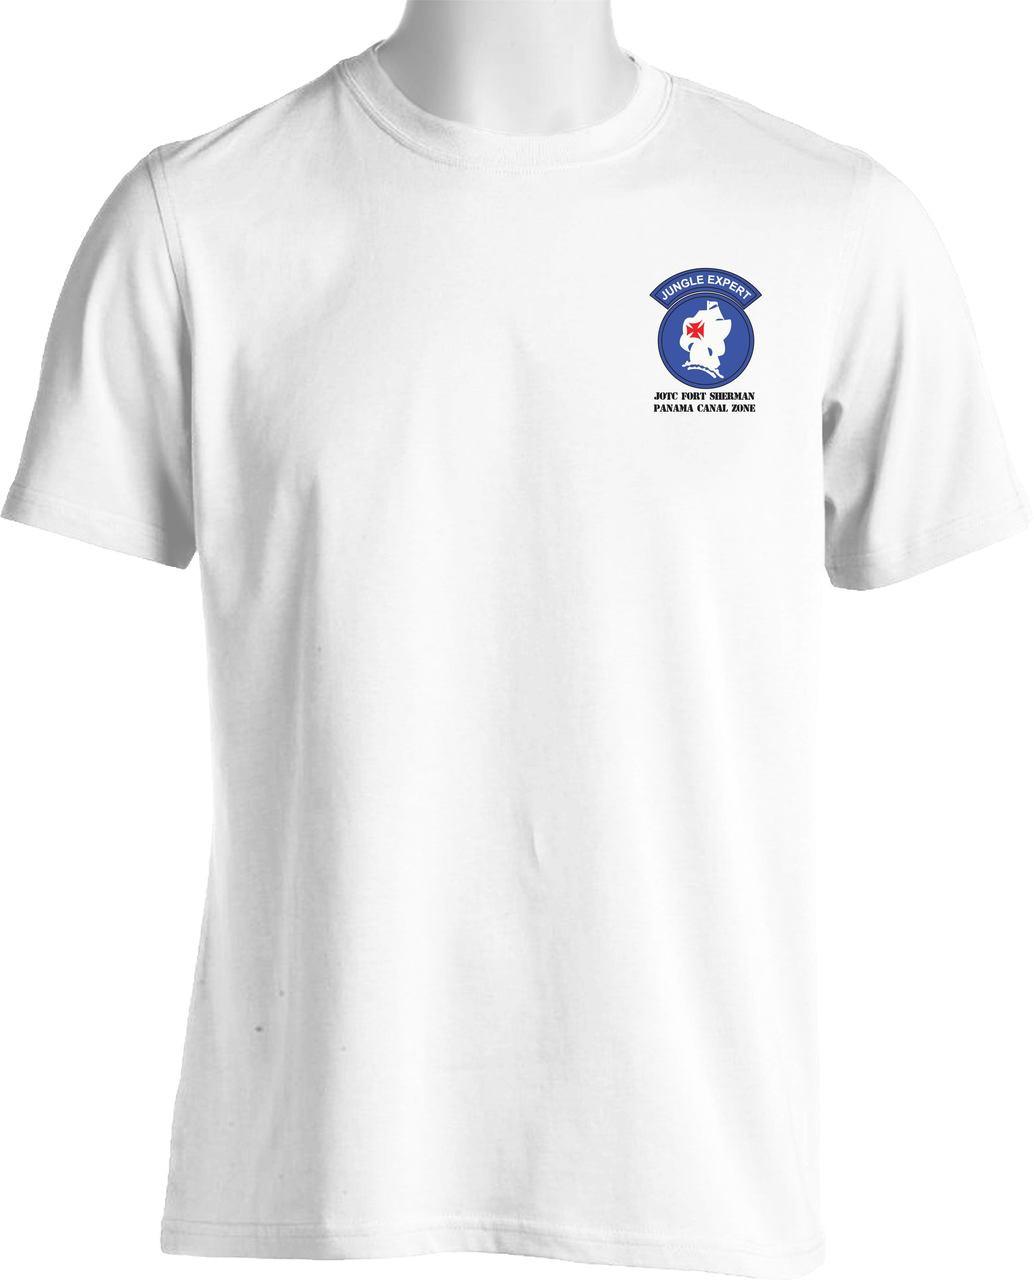 91611d32 Jungle Expert JOTC 100% Cotton T-Shirt